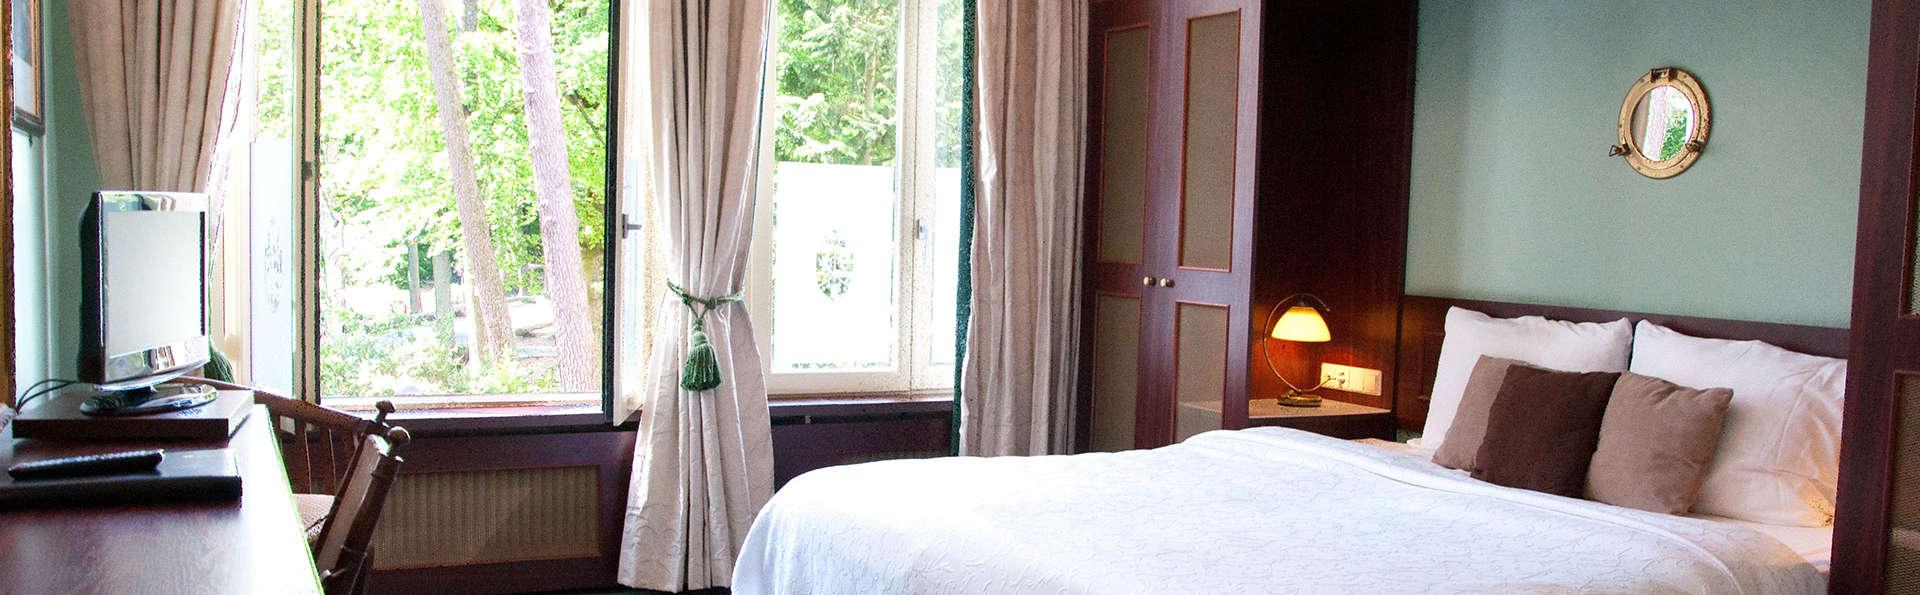 Hotel Mastbosch Breda - EDIT_room.jpg